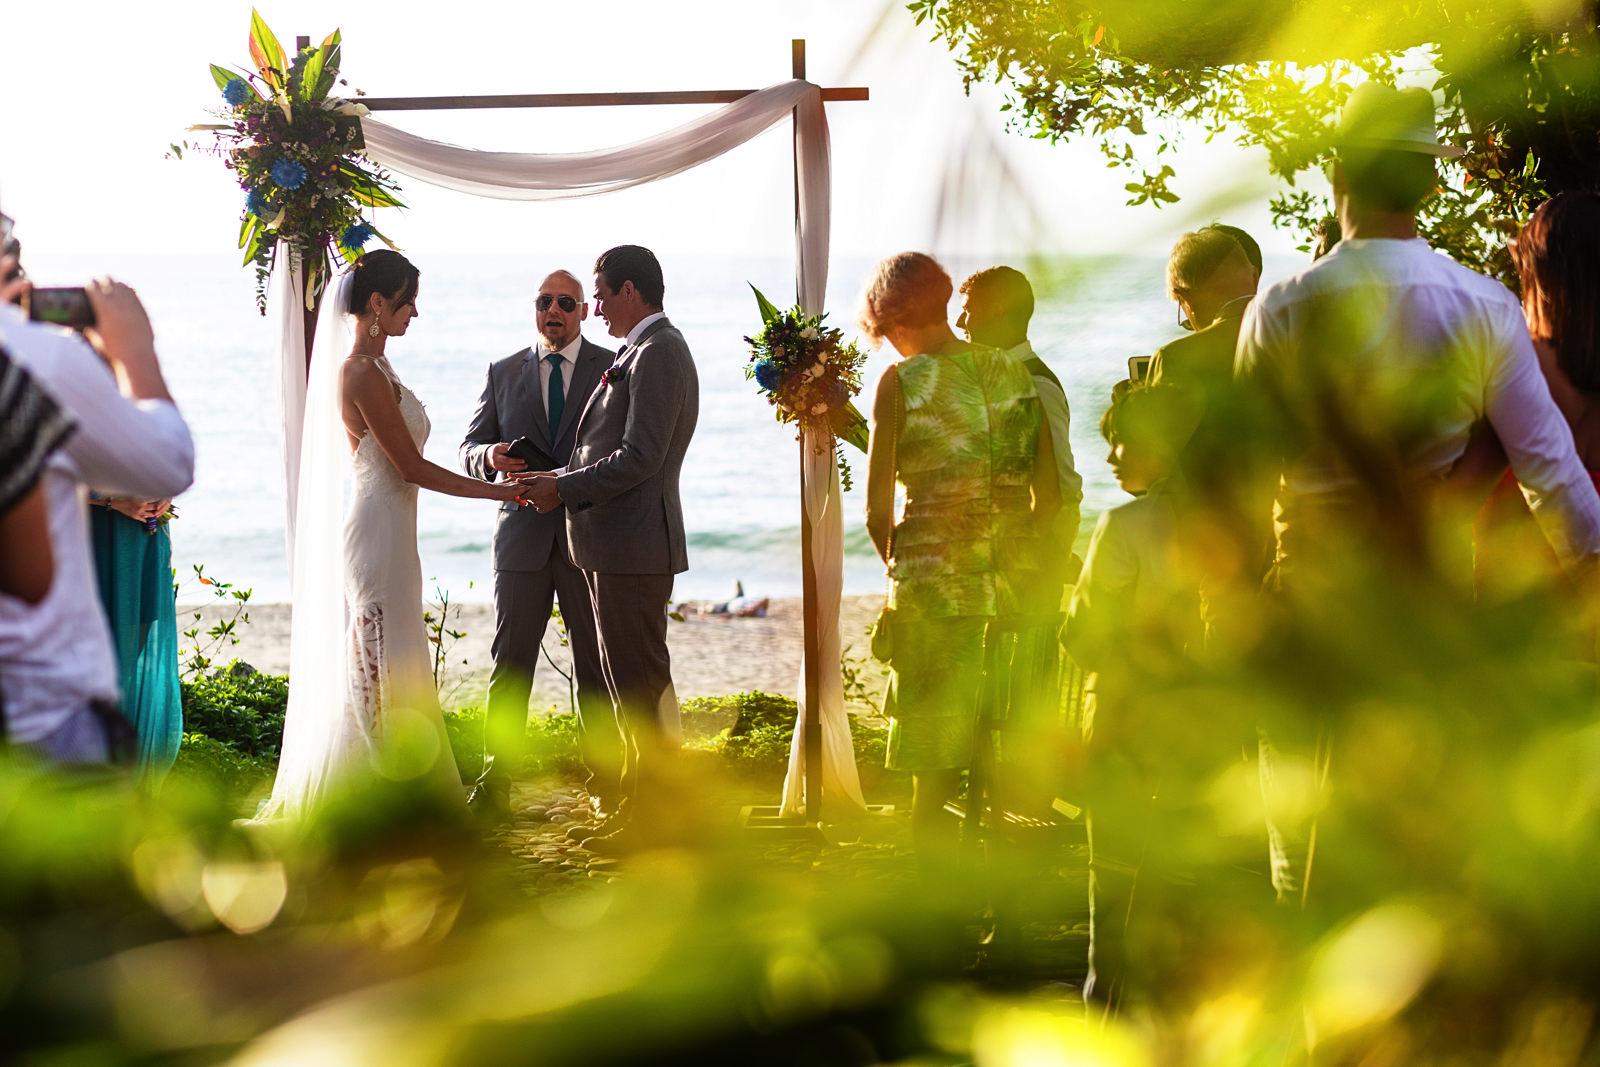 Destination wedding ceremony in process at a villa in Sayulita, Mexico